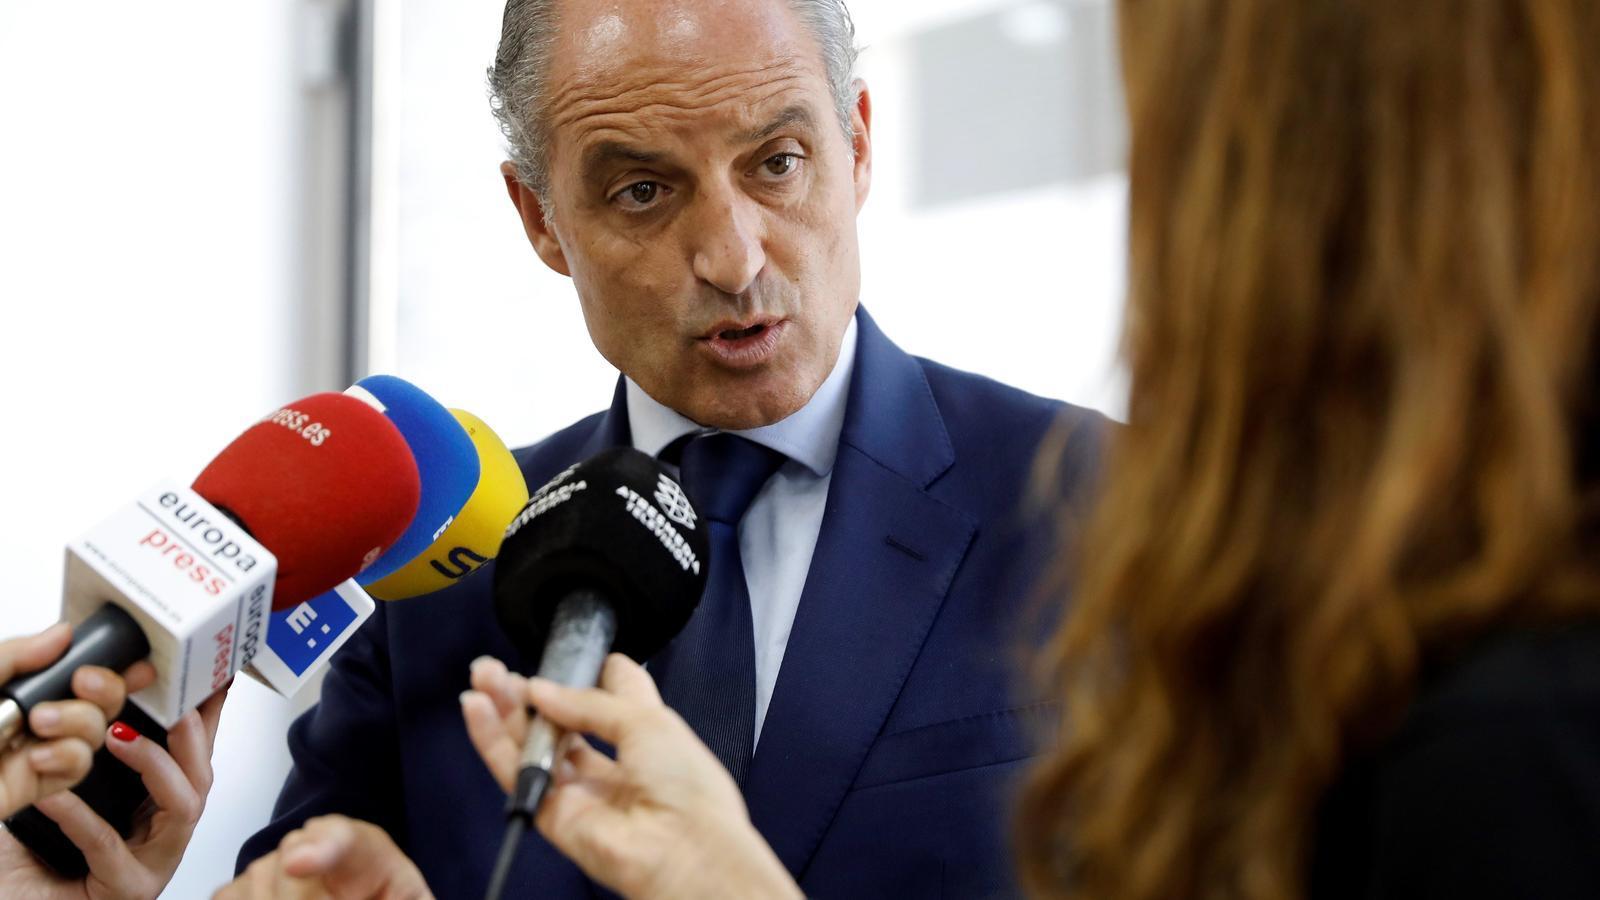 L'Audiència Nacional processa Camps pels contractes de la Generalitat Valenciana amb la trama Gürtel